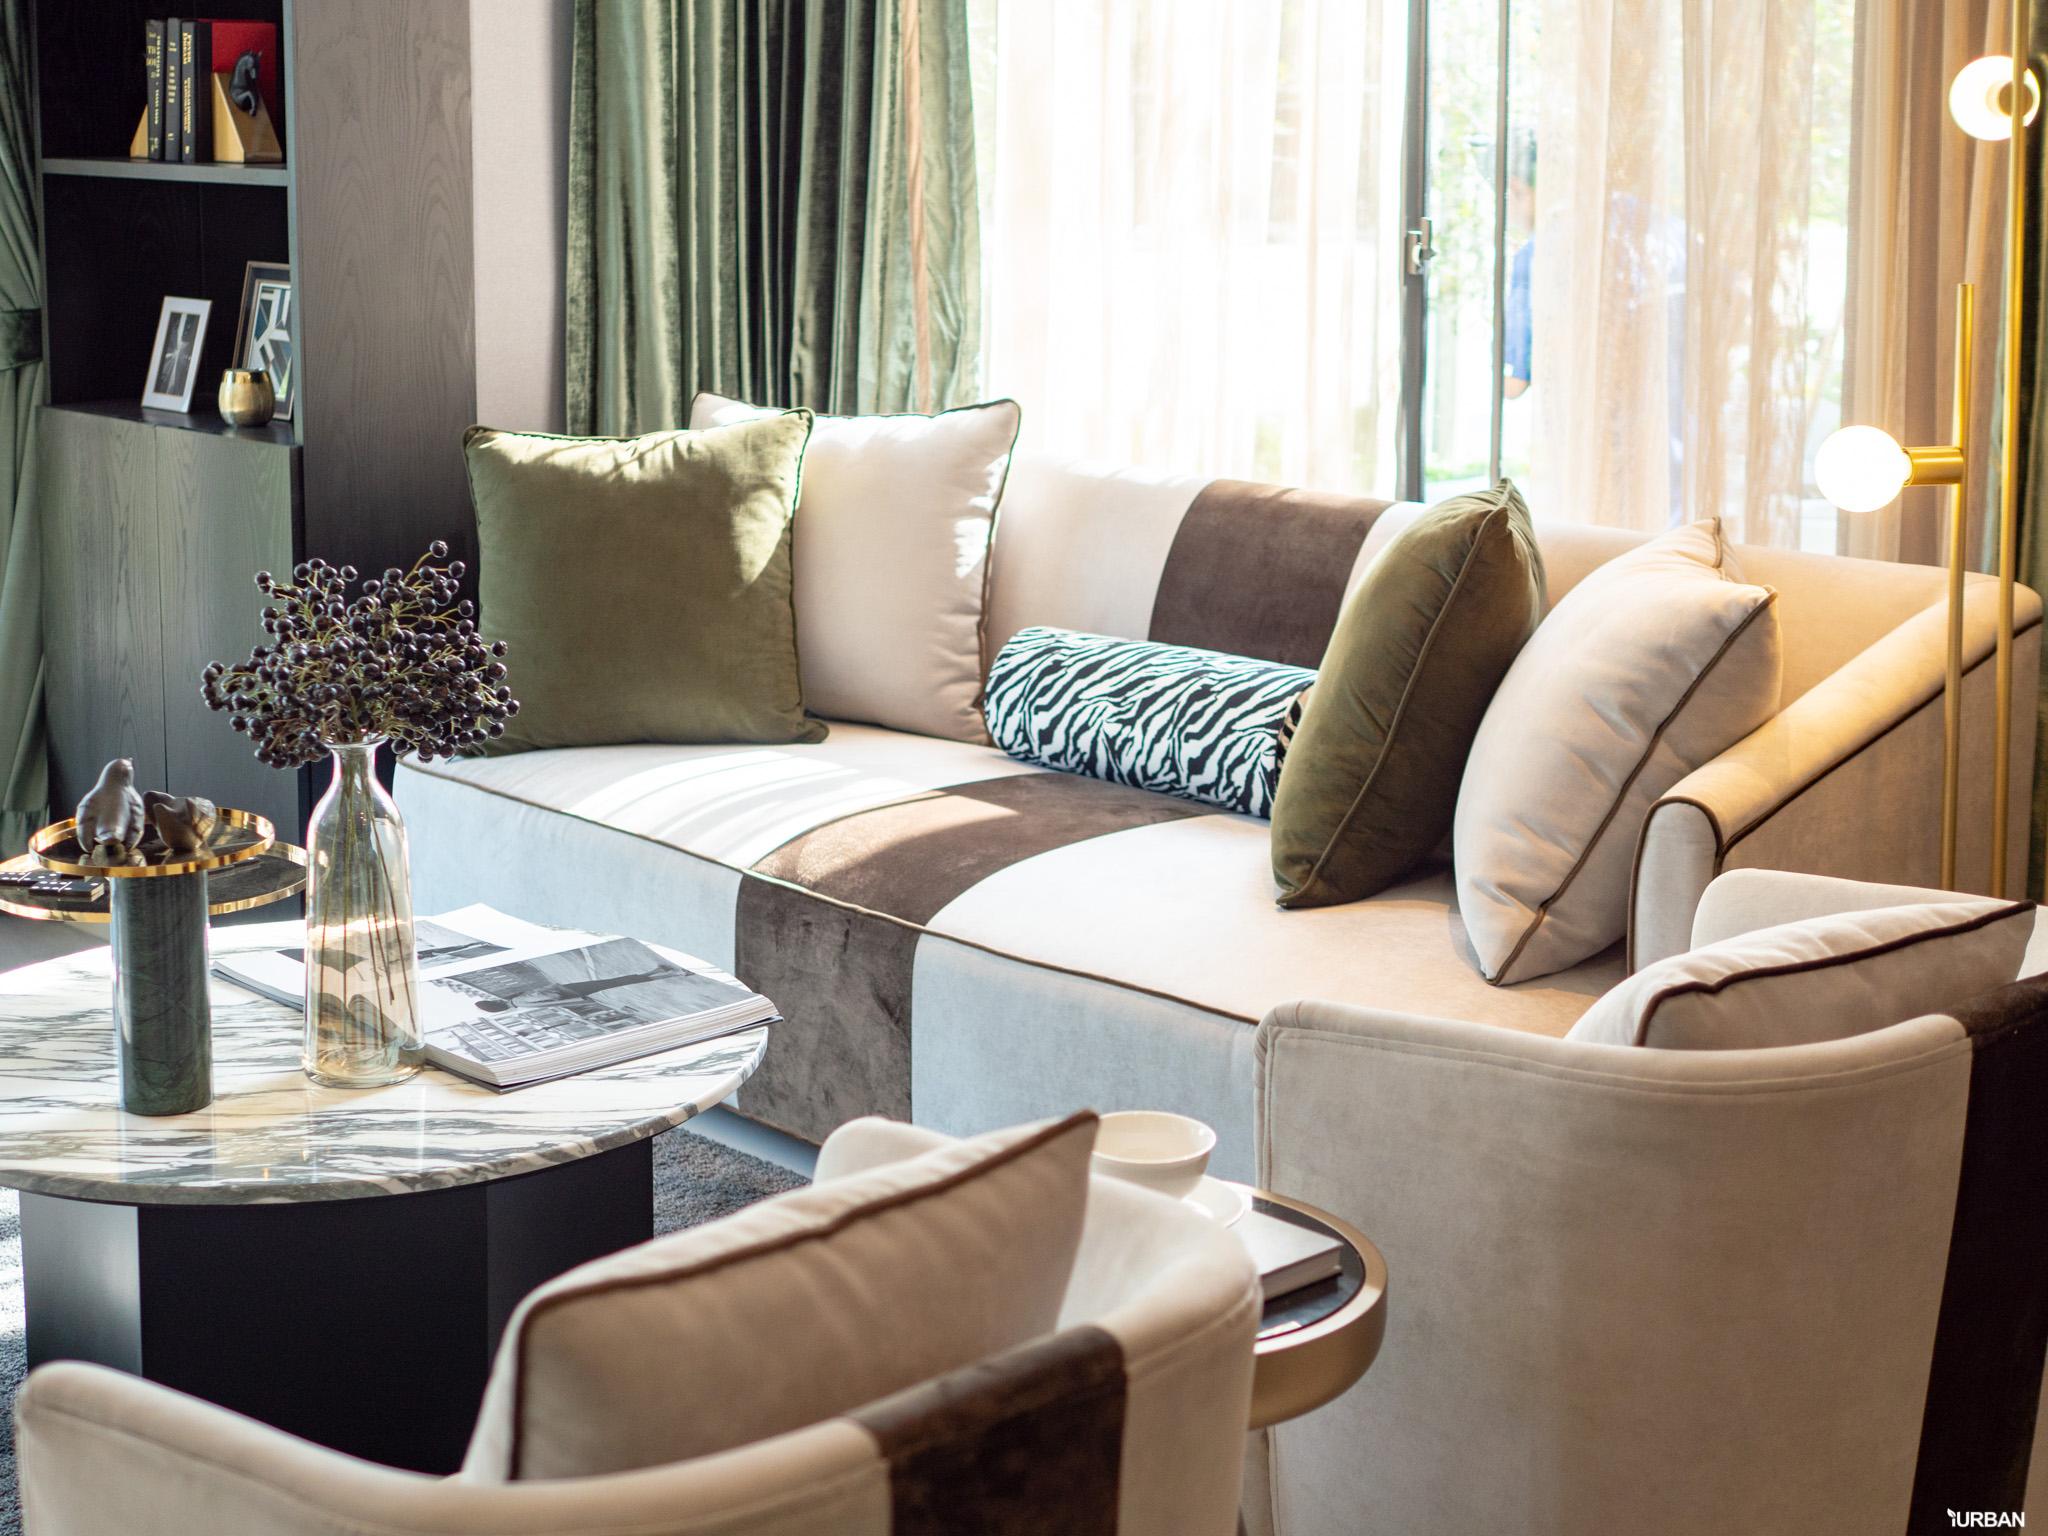 รีวิว บางกอก บูเลอวาร์ด รามอินทรา-เสรีไทย 2 <br>บ้านเดี่ยวสไตล์ Luxury Nordic เพียง 77 ครอบครัว</br> 135 - Boulevard